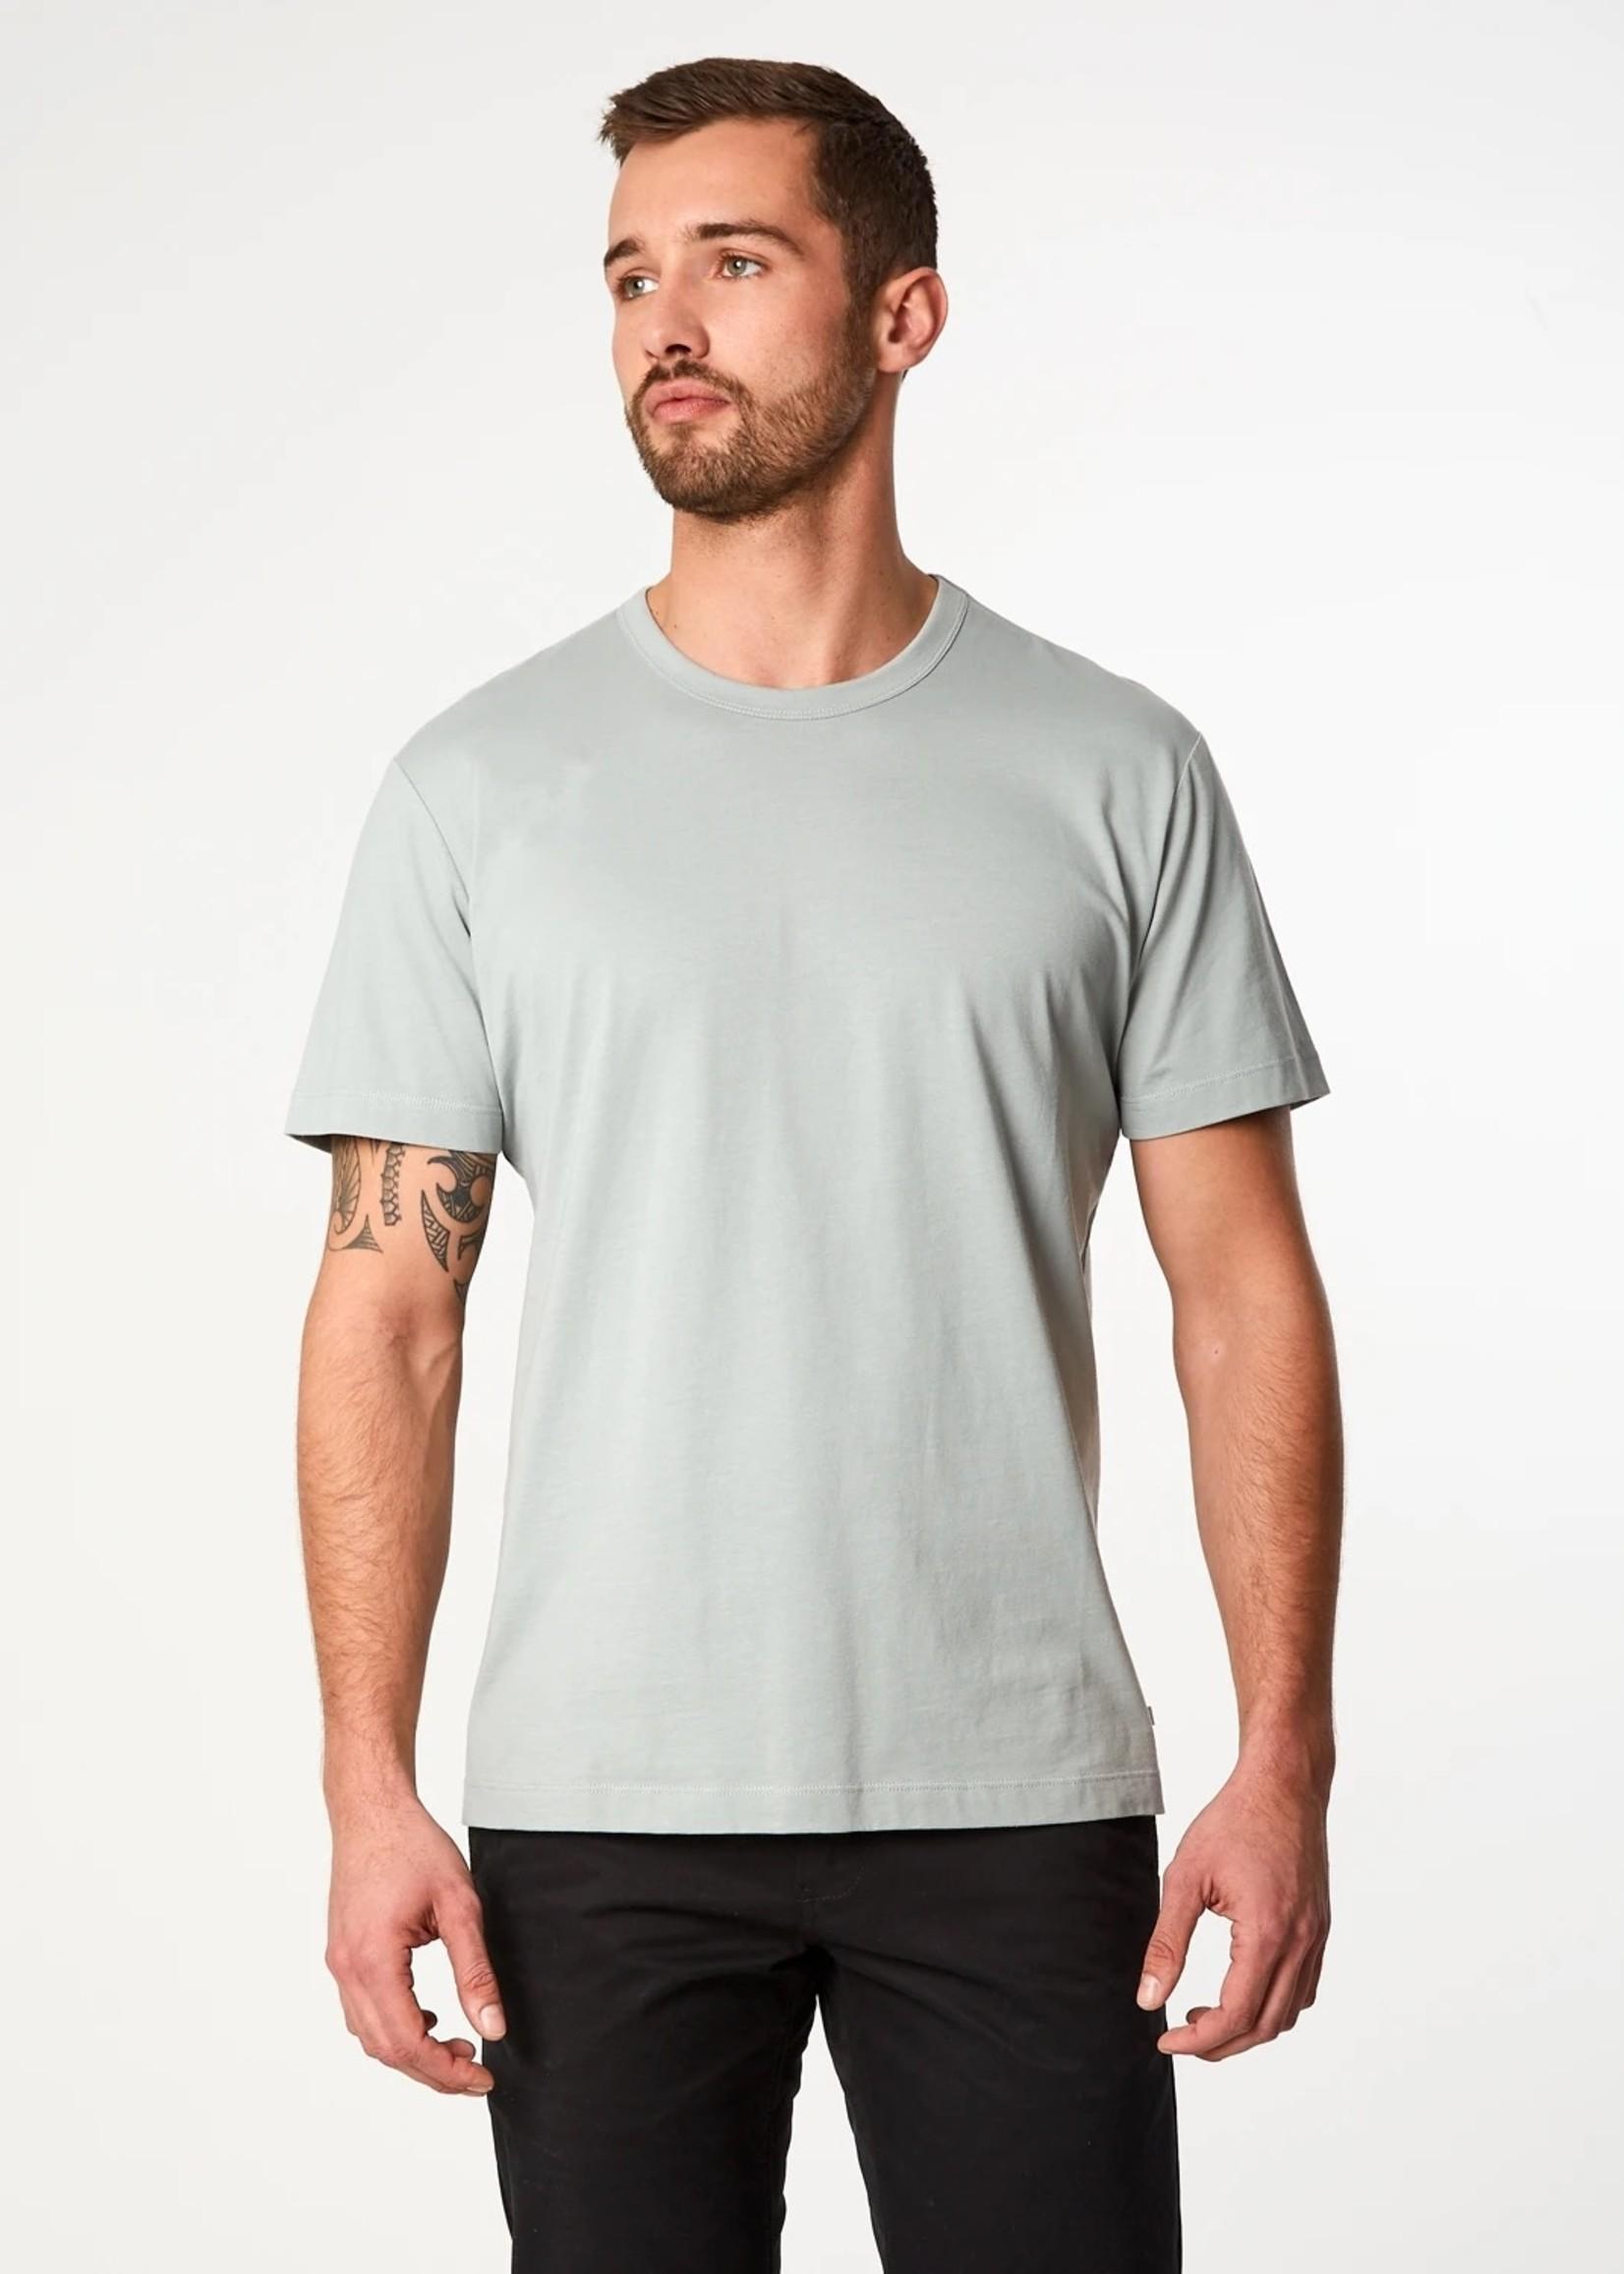 7 Diamonds Iqonicq Supima T-Shirt- Forest